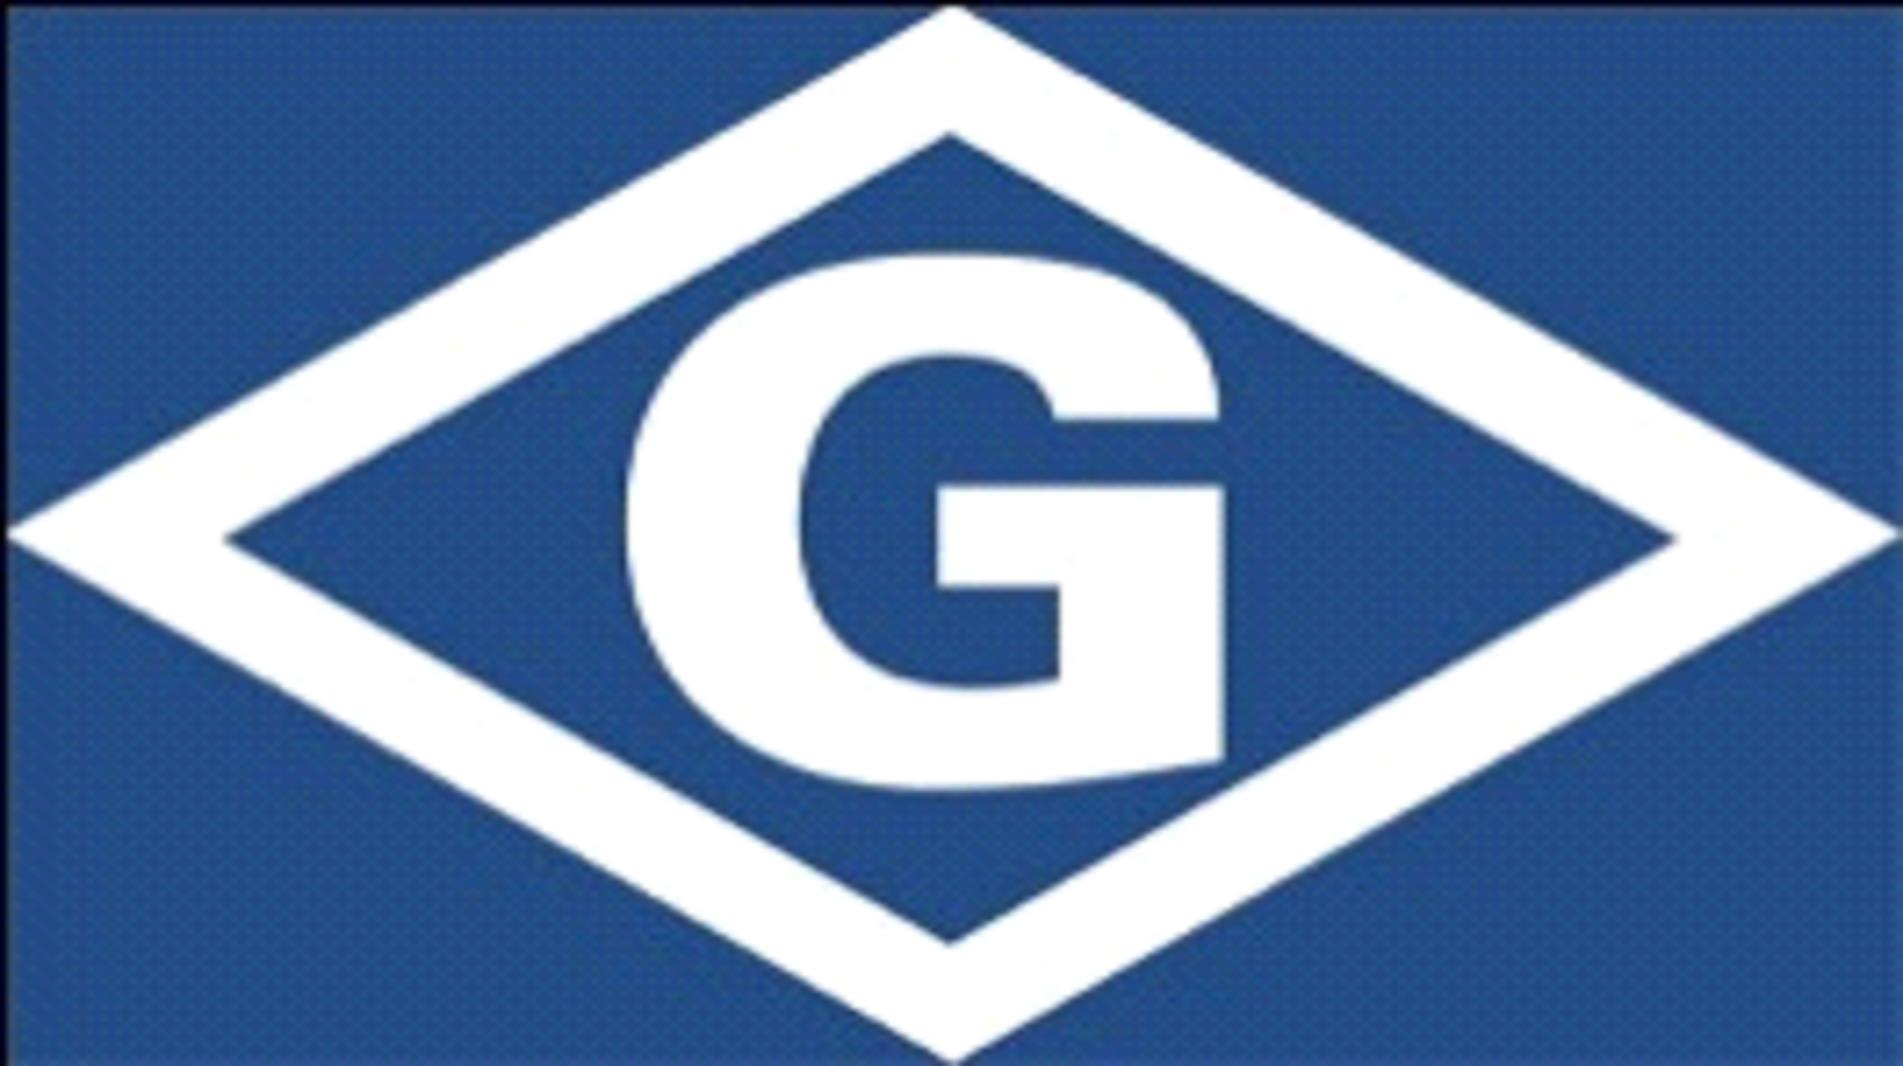 Genco Shipping & Trading Ltd logo